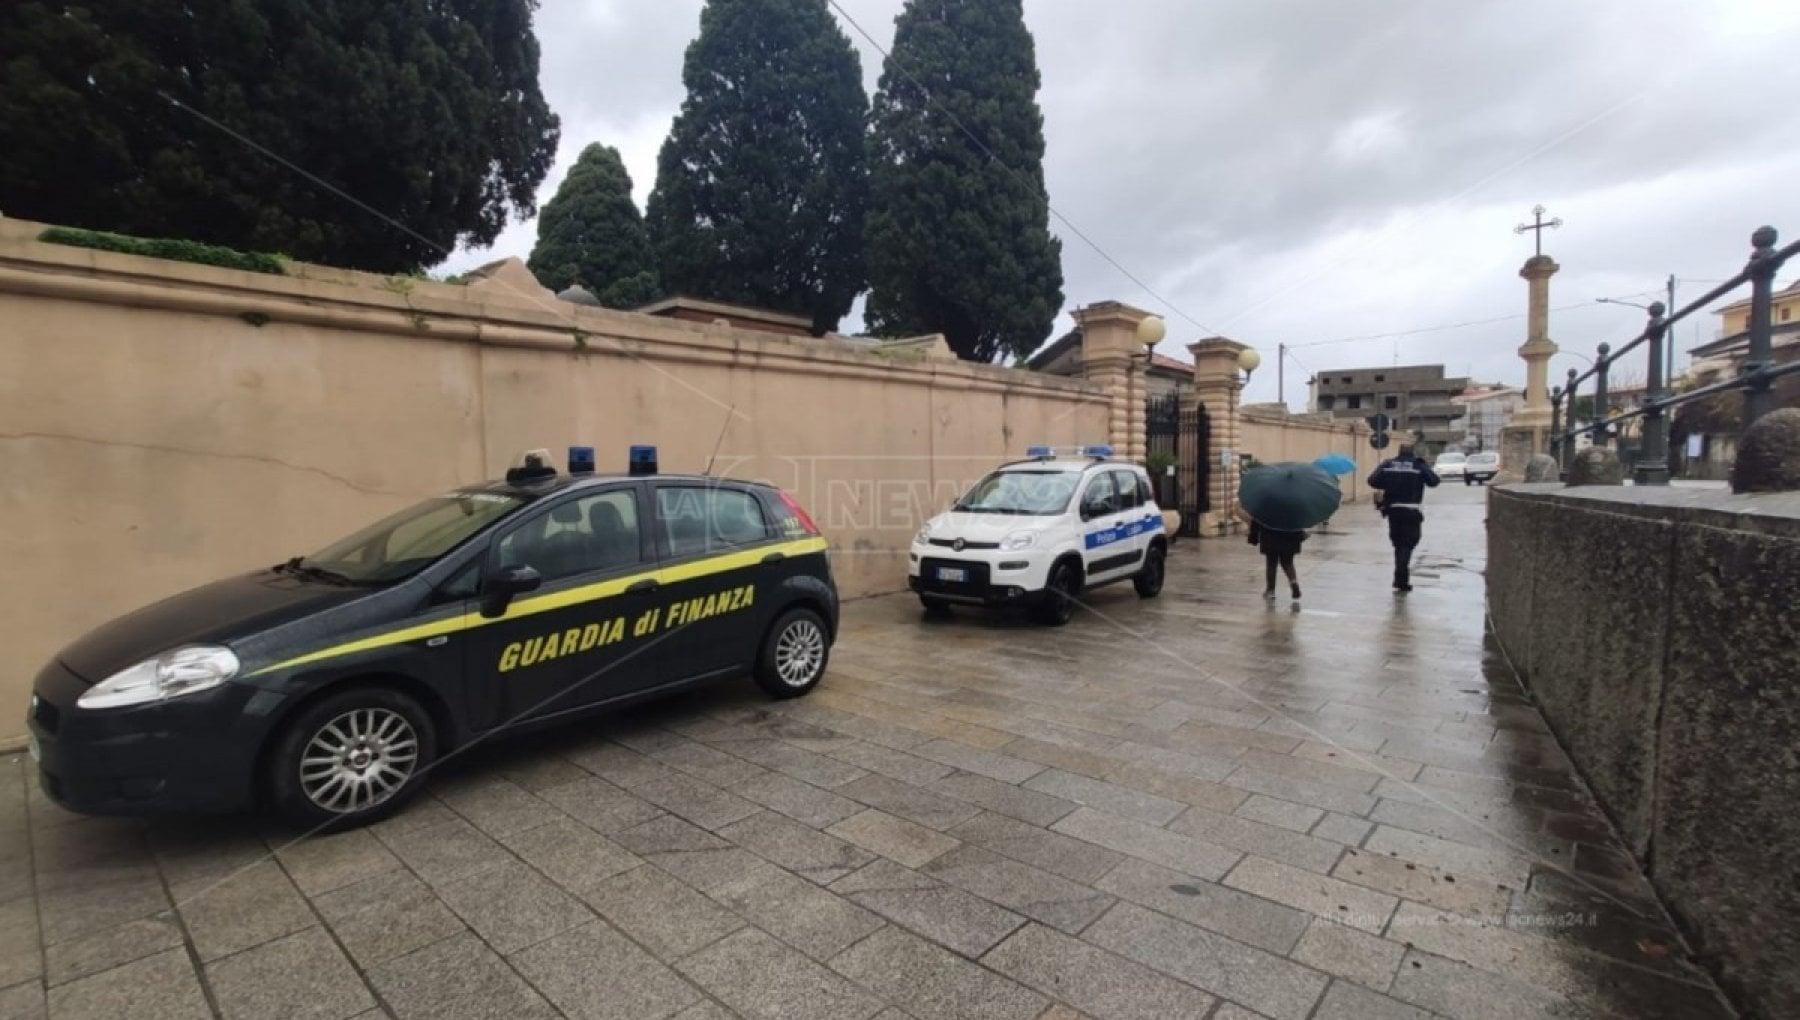 140837608 0141730e e918 4539 ab8f 63a56f401d6b - Tropea, svuotavano tombe e distruggevano i cadaveri per avere posti liberi al cimitero: tre arresti